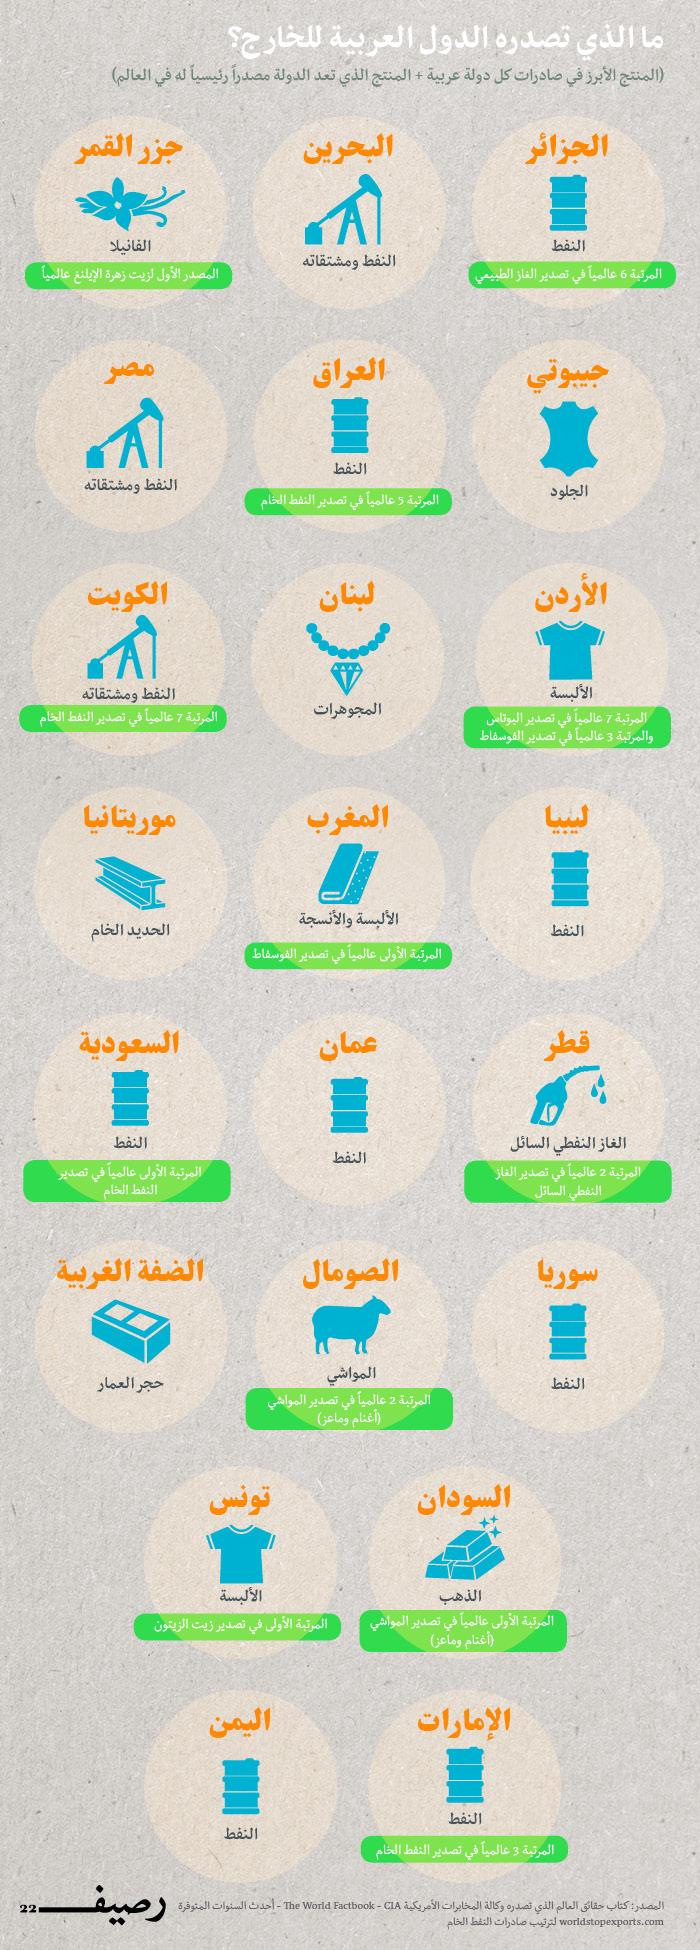 صادرات الدول اللعربية - أكثر ما تصدره الدول العربية